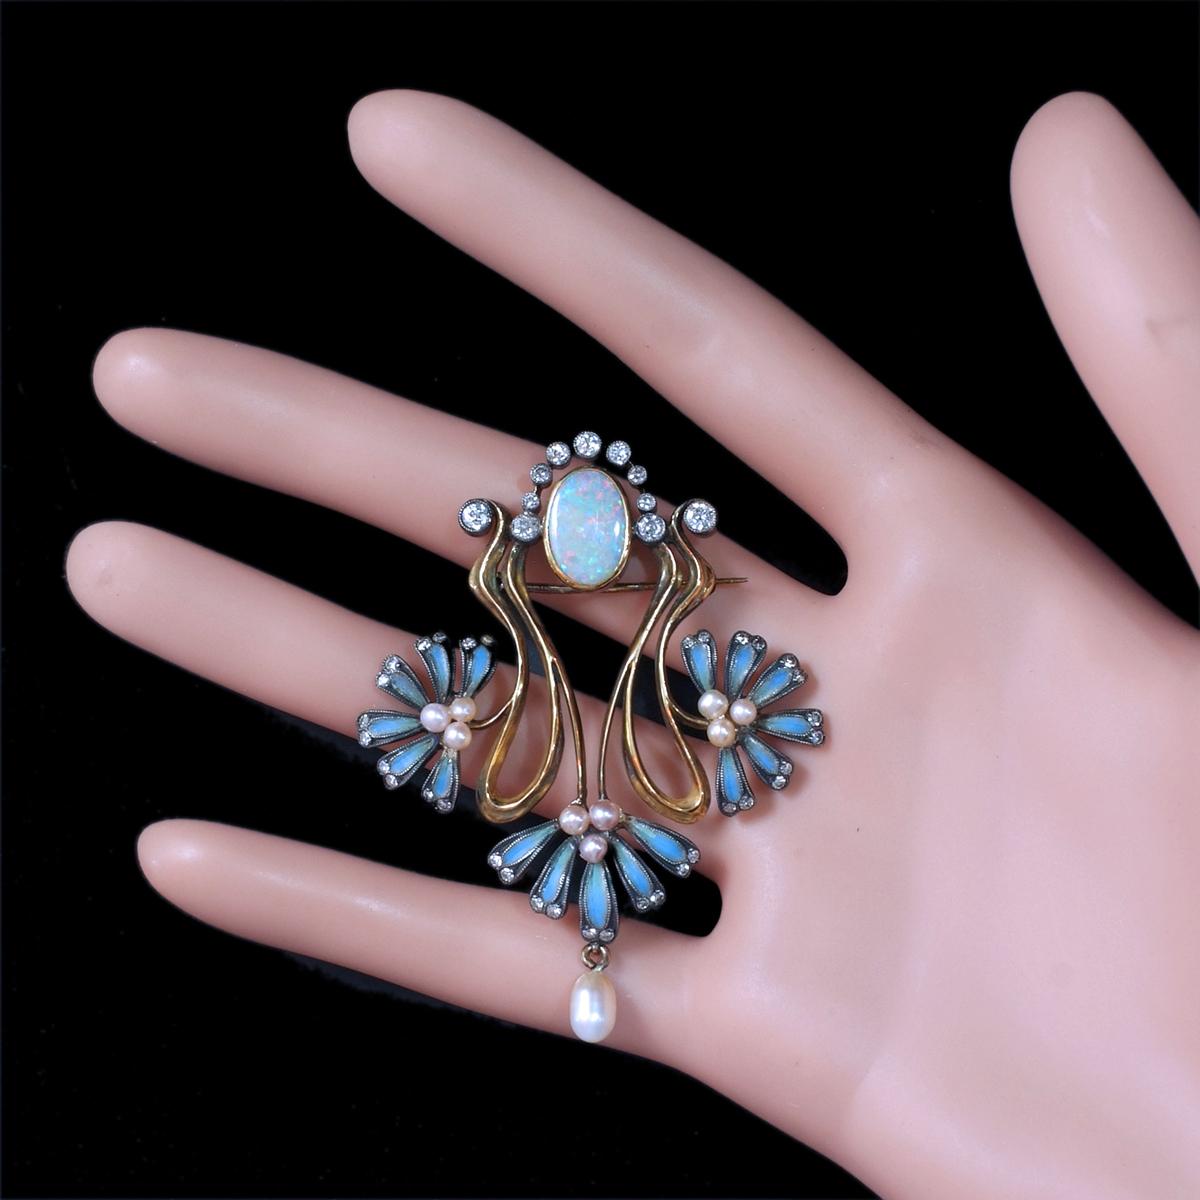 E9813【1900年頃】オパール 天然ダイヤモンド パール 最高級18金無垢アンティークセレブリティブローチ 重量15.38g 幅61.56×47.0mm_画像7